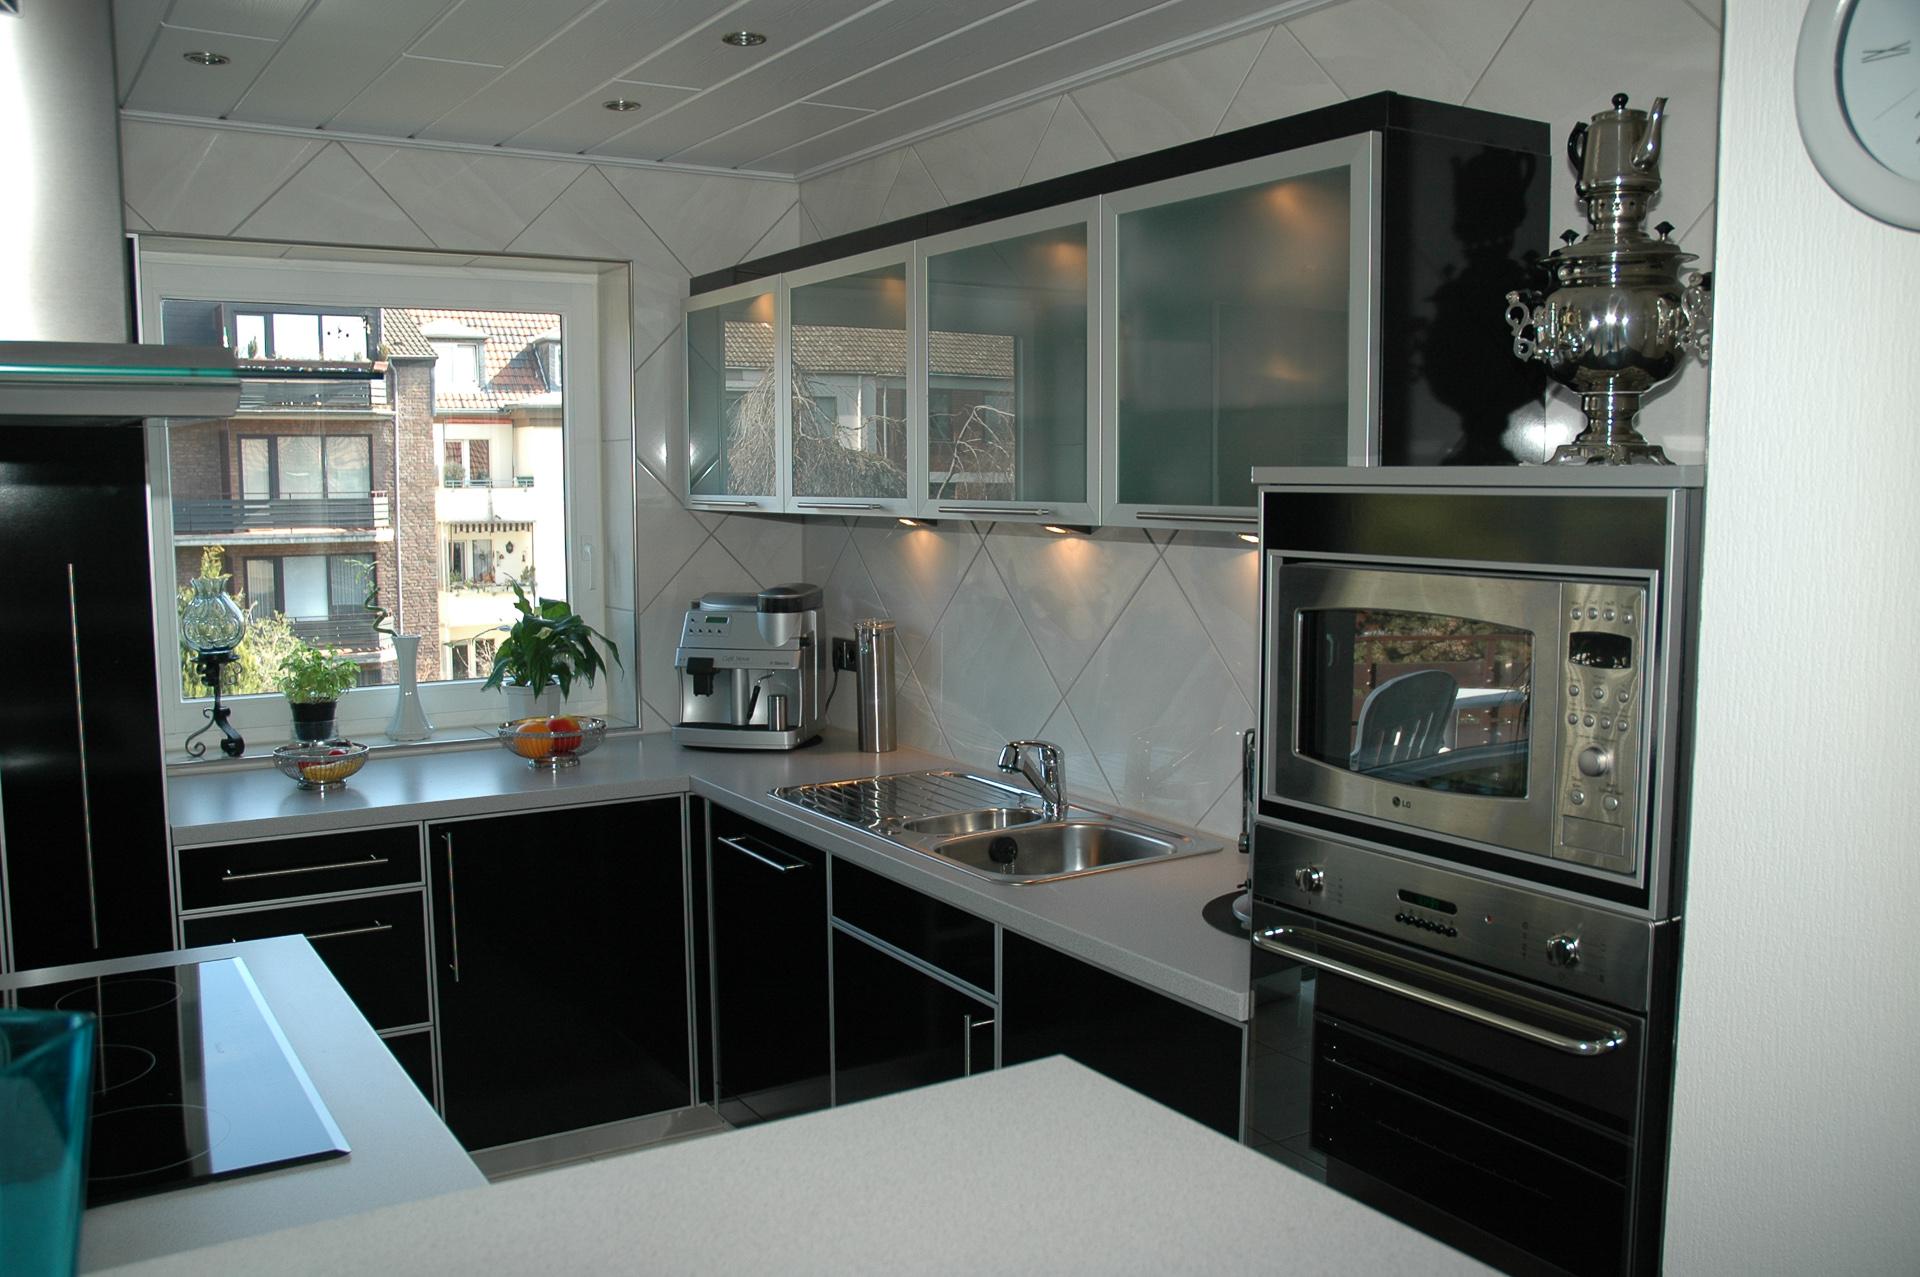 Fein Bilder Für Die Küche Lackfarben Fotos - Ideen Für Die Küche ...